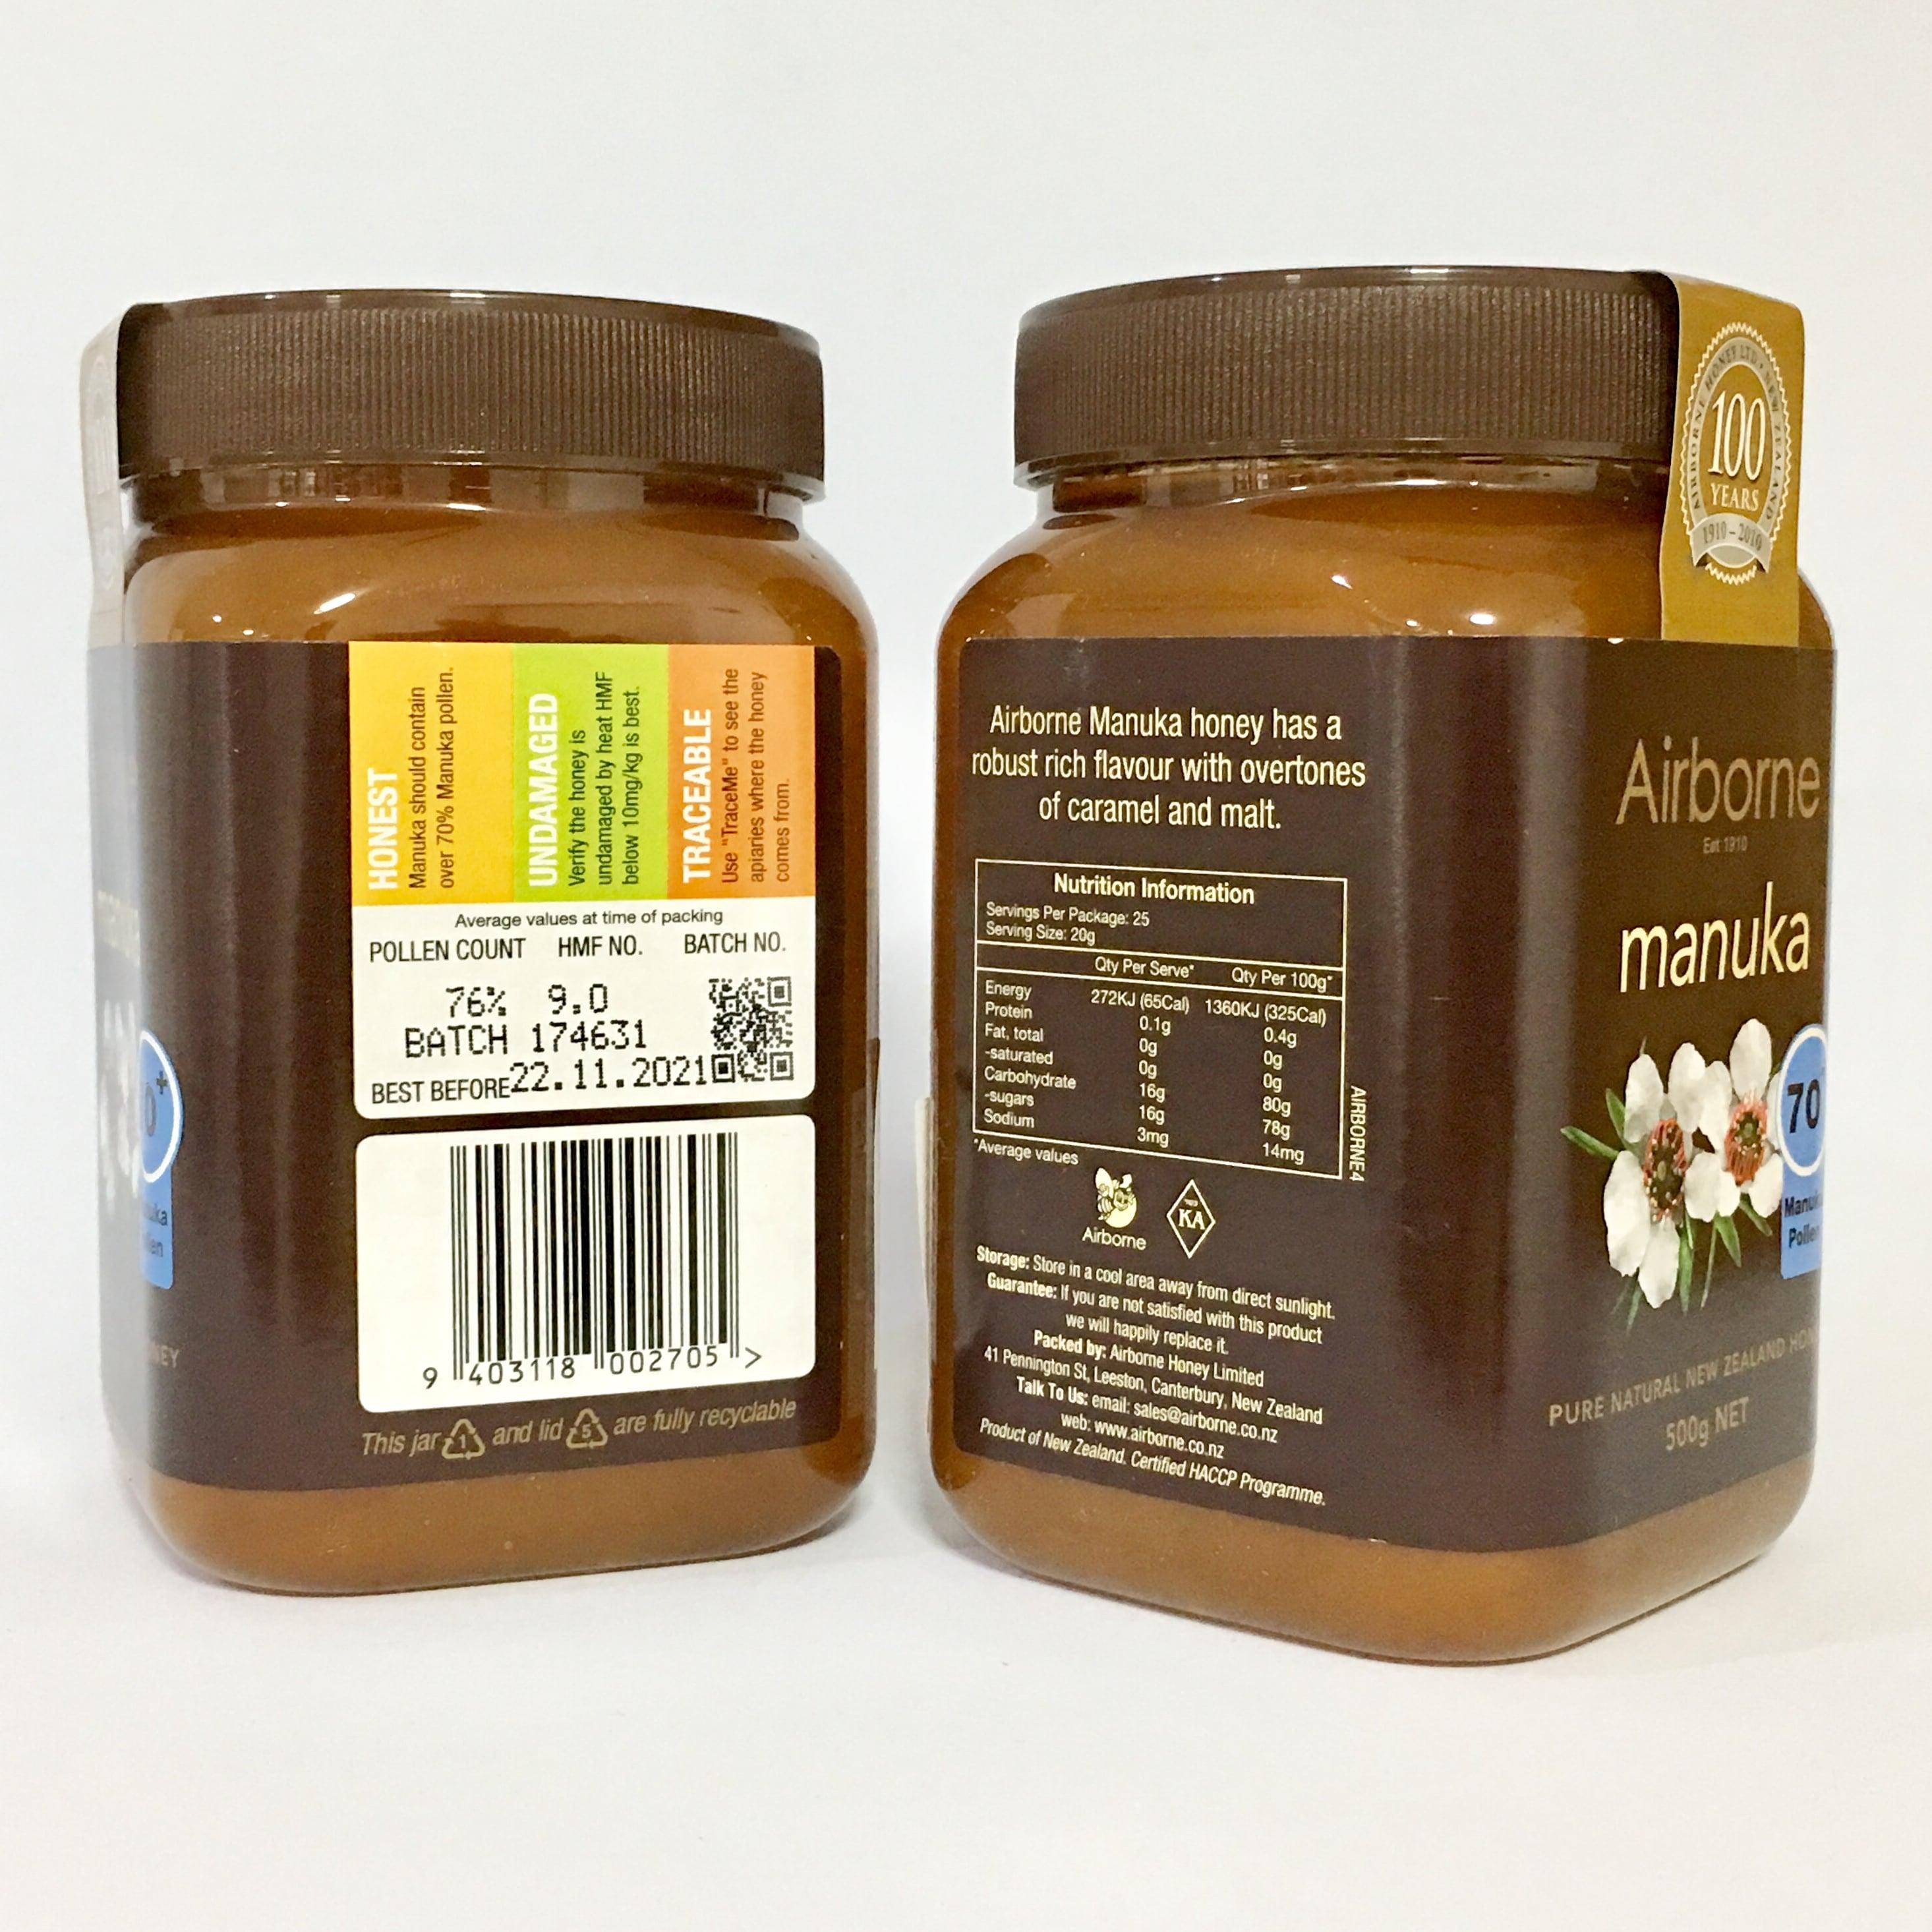 แอร์บอร์น น้ำผึ้งมานูก้า แอคทีฟ 70+ ขนาด 500 g.